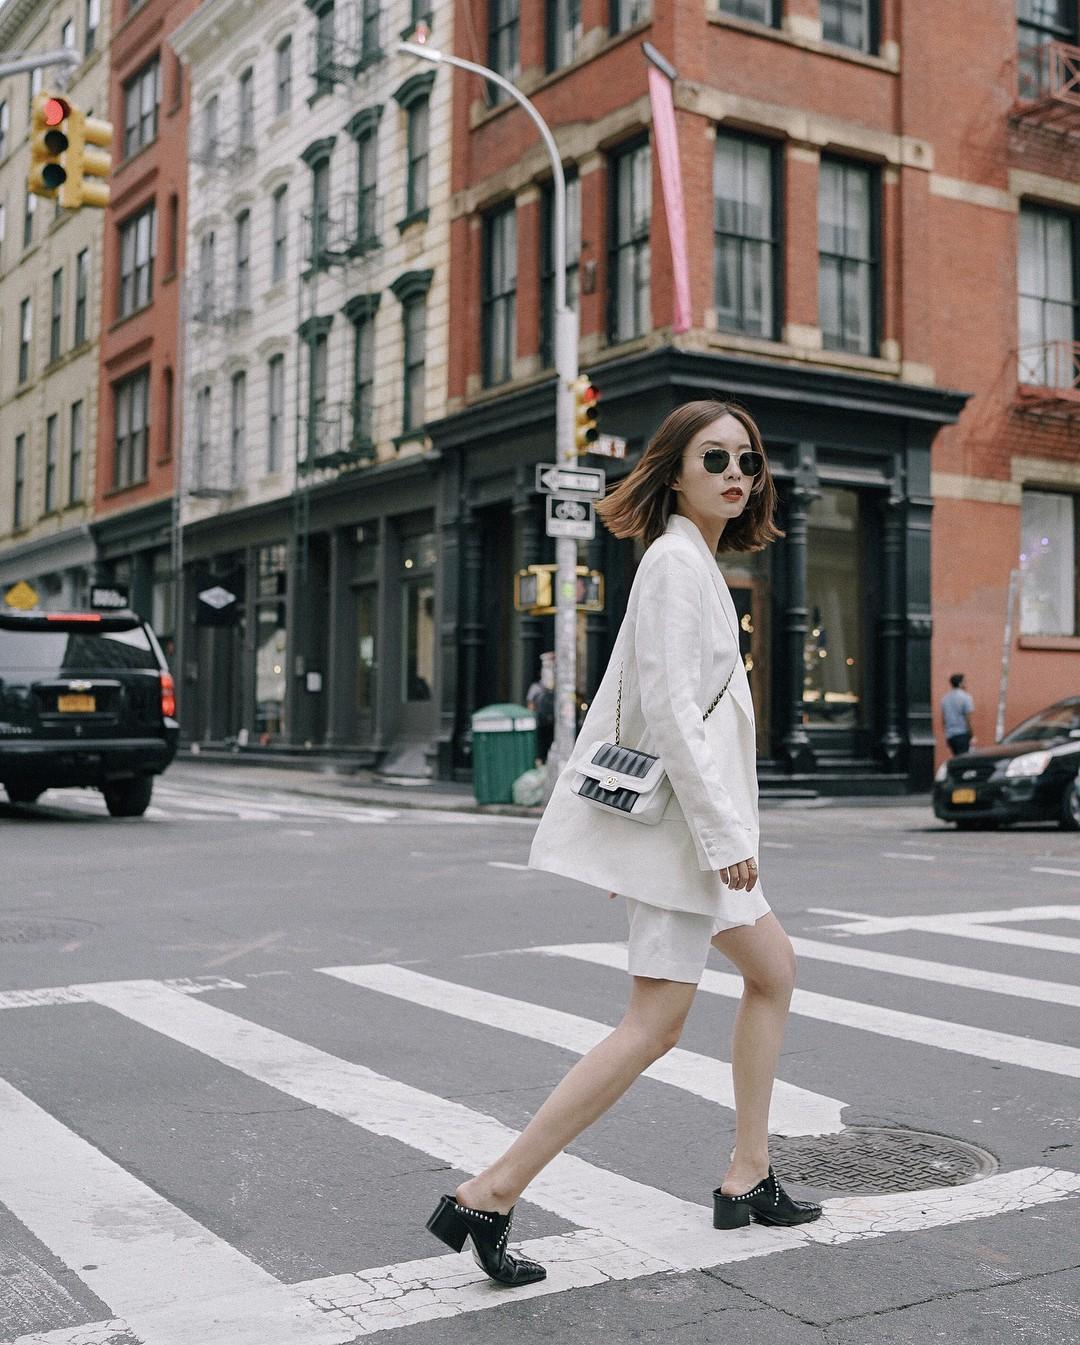 Nếu muốn theo đuổi phong cách tối giản thì đây chính là 6 items các nàng cần bổ sung ngay cho tủ quần áo của mình - 16